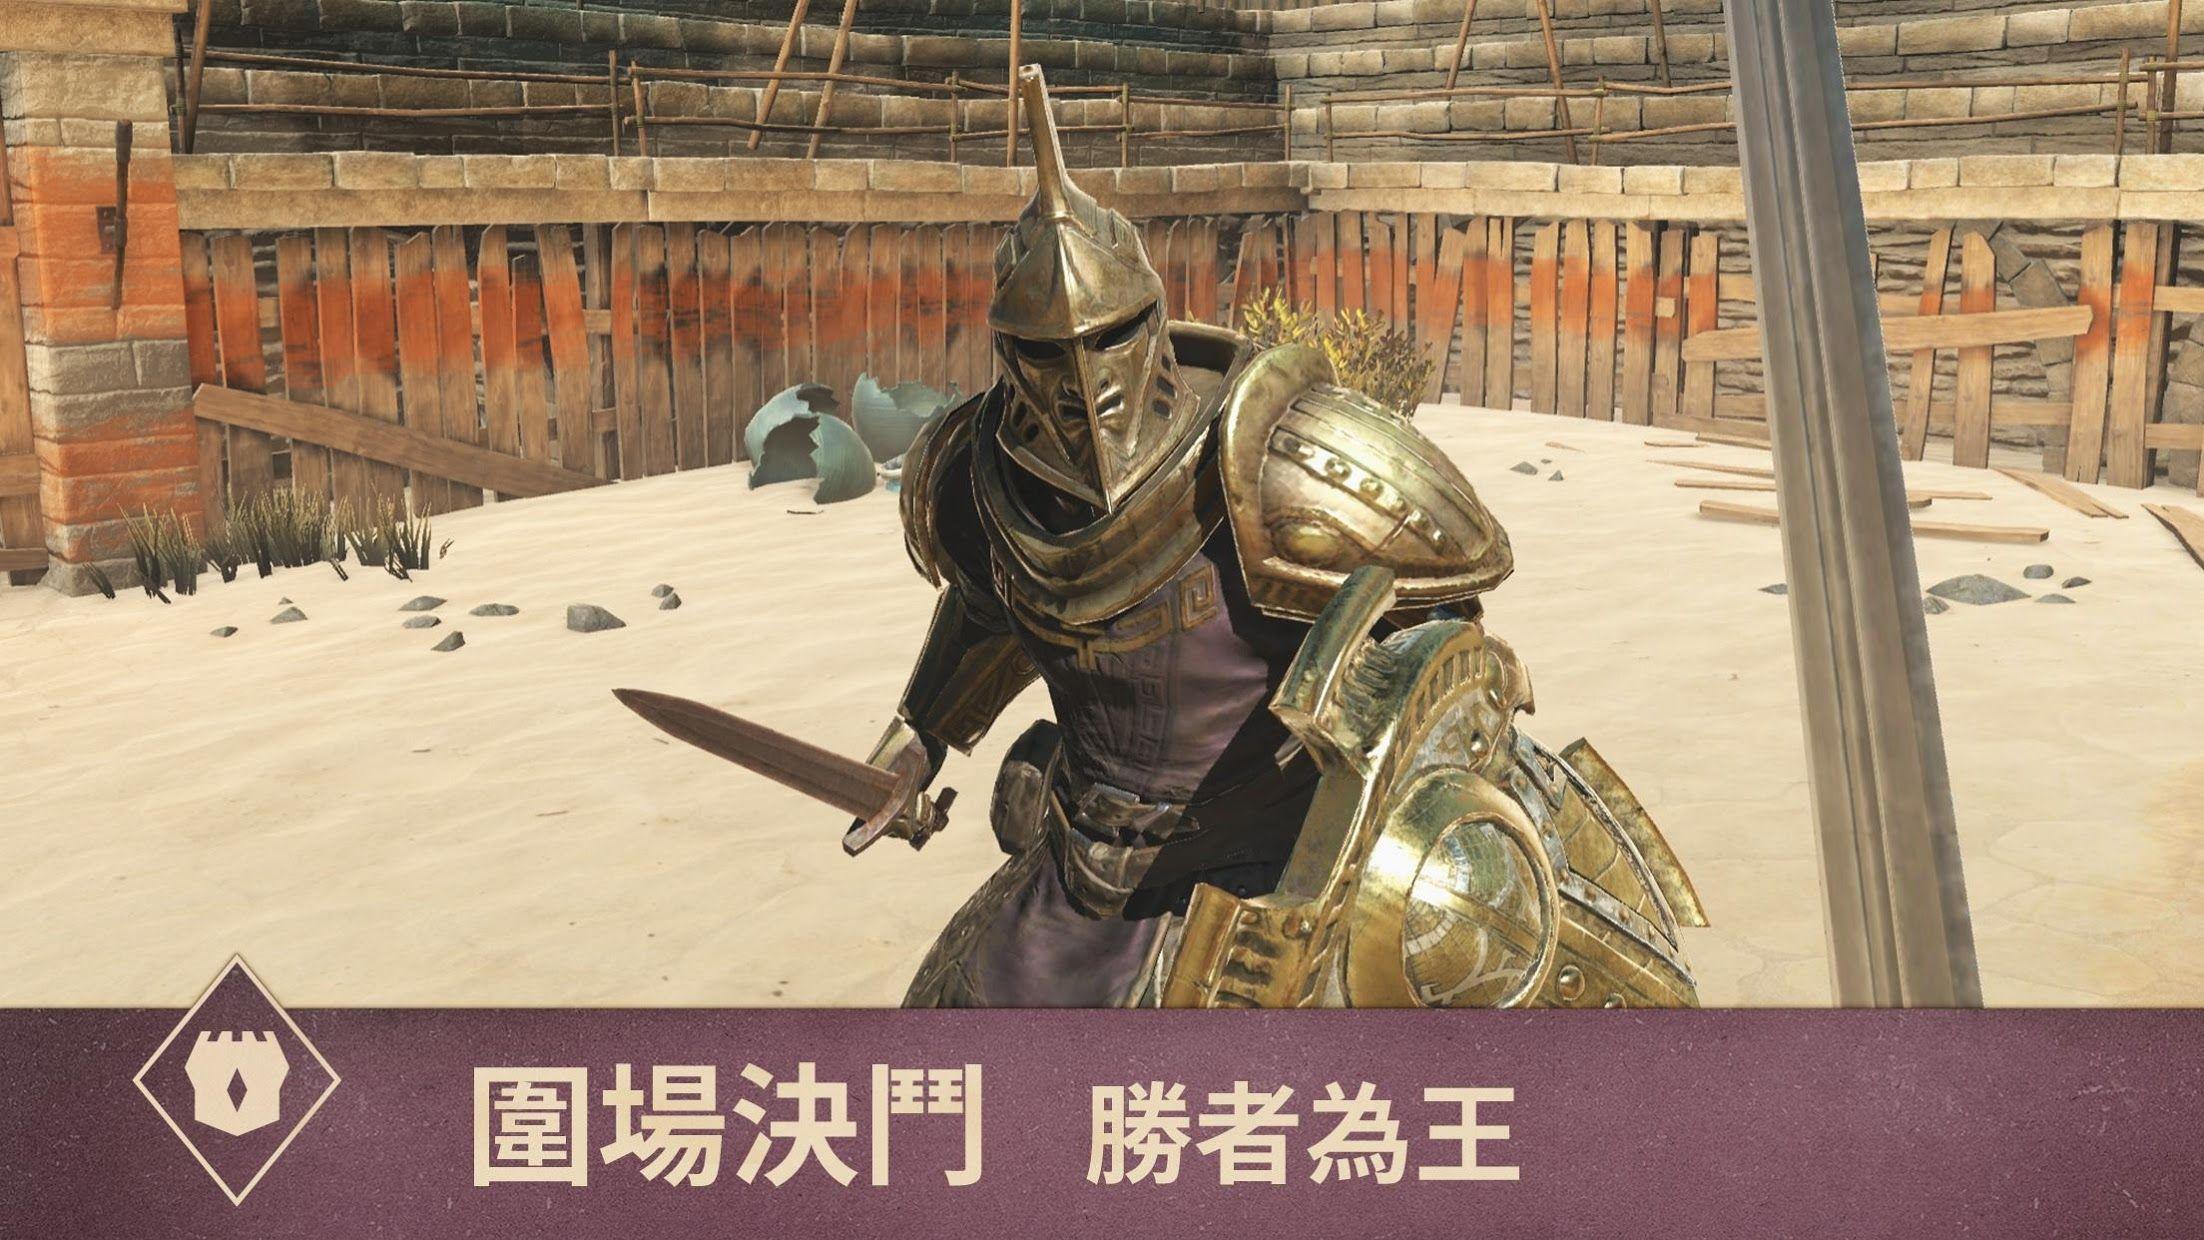 上古卷轴:刀锋战士(台服) 游戏截图3